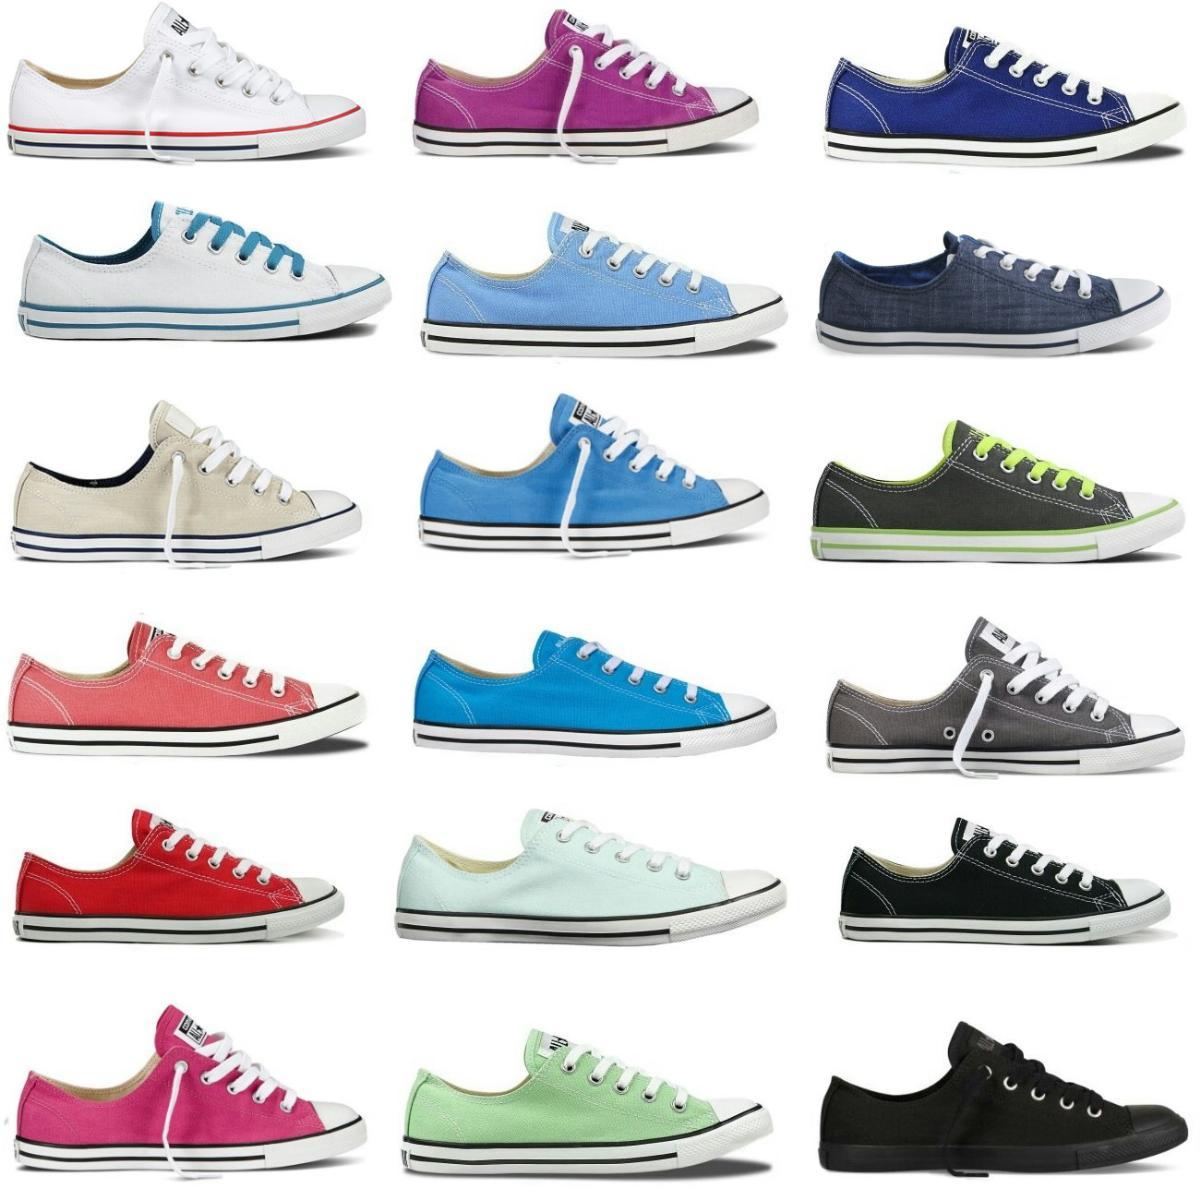 Details zu Converse Chucks All Star OX Canvas Schuhe Sneaker diverse Farben